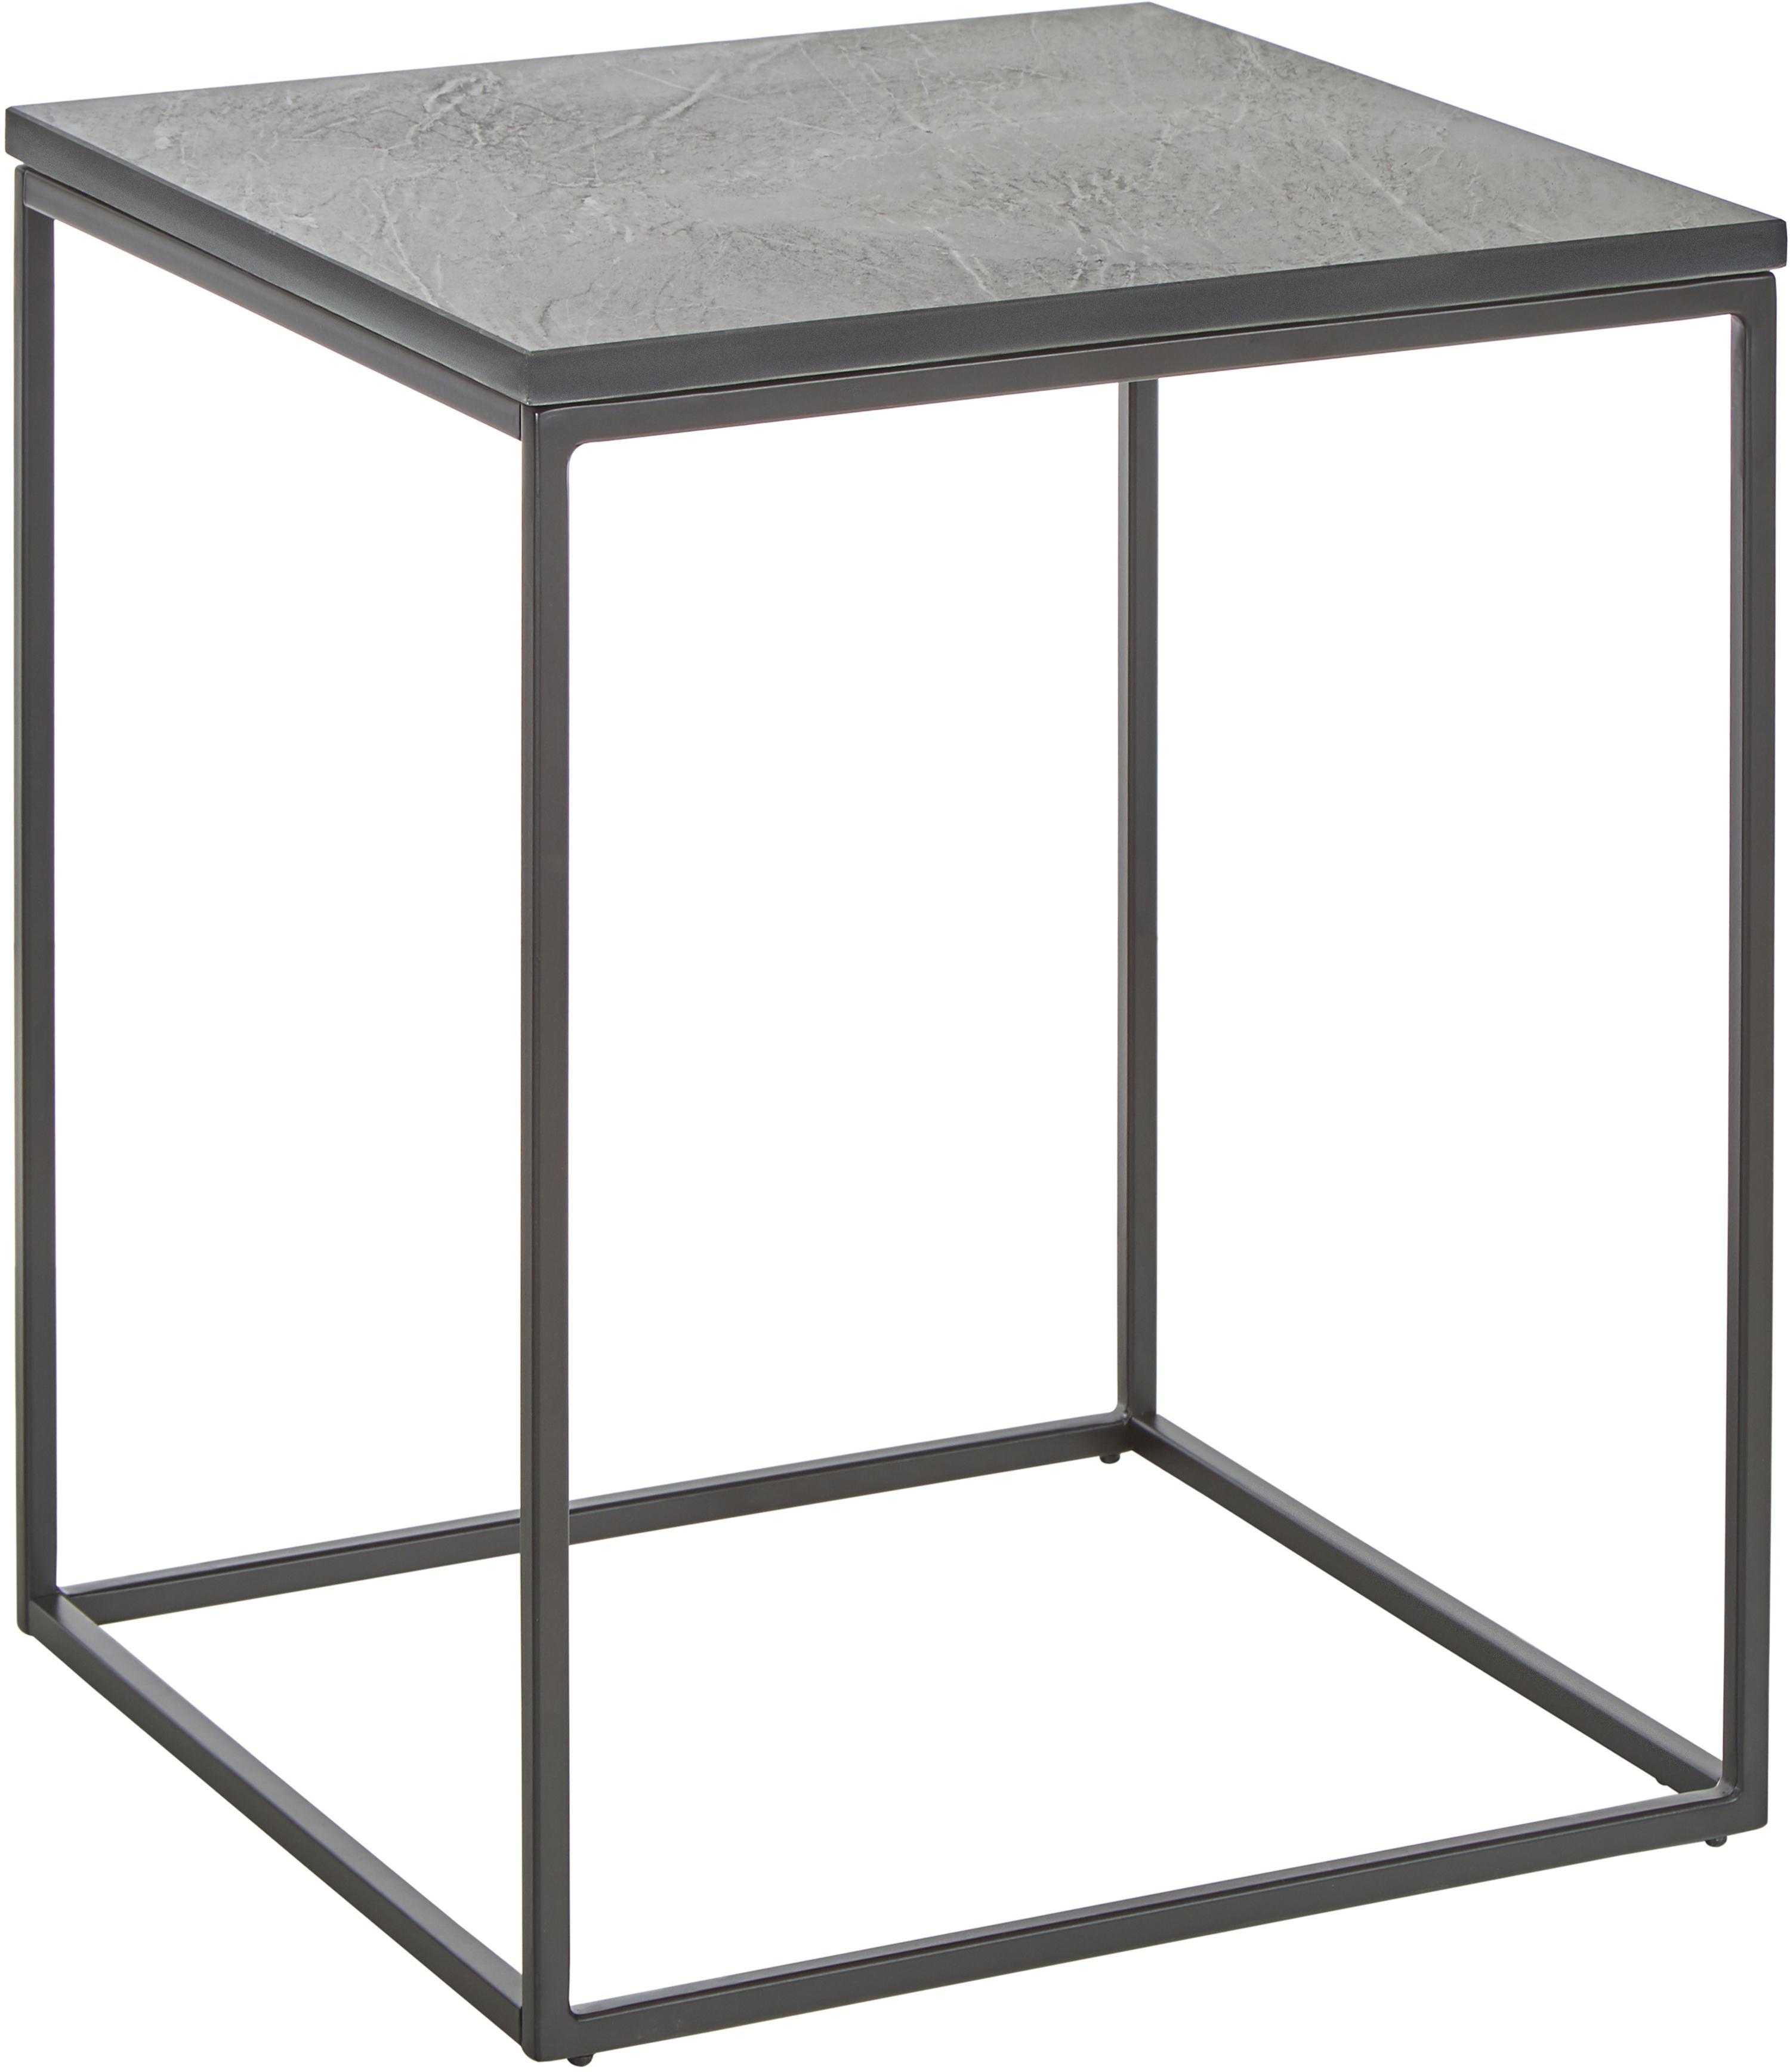 Stolik pomocniczy z marmuru Vince, Blat: marmur, Stelaż: metal malowany proszkowo, Blat: czarny Stelaż: czarny, S 45 x W 50 cm